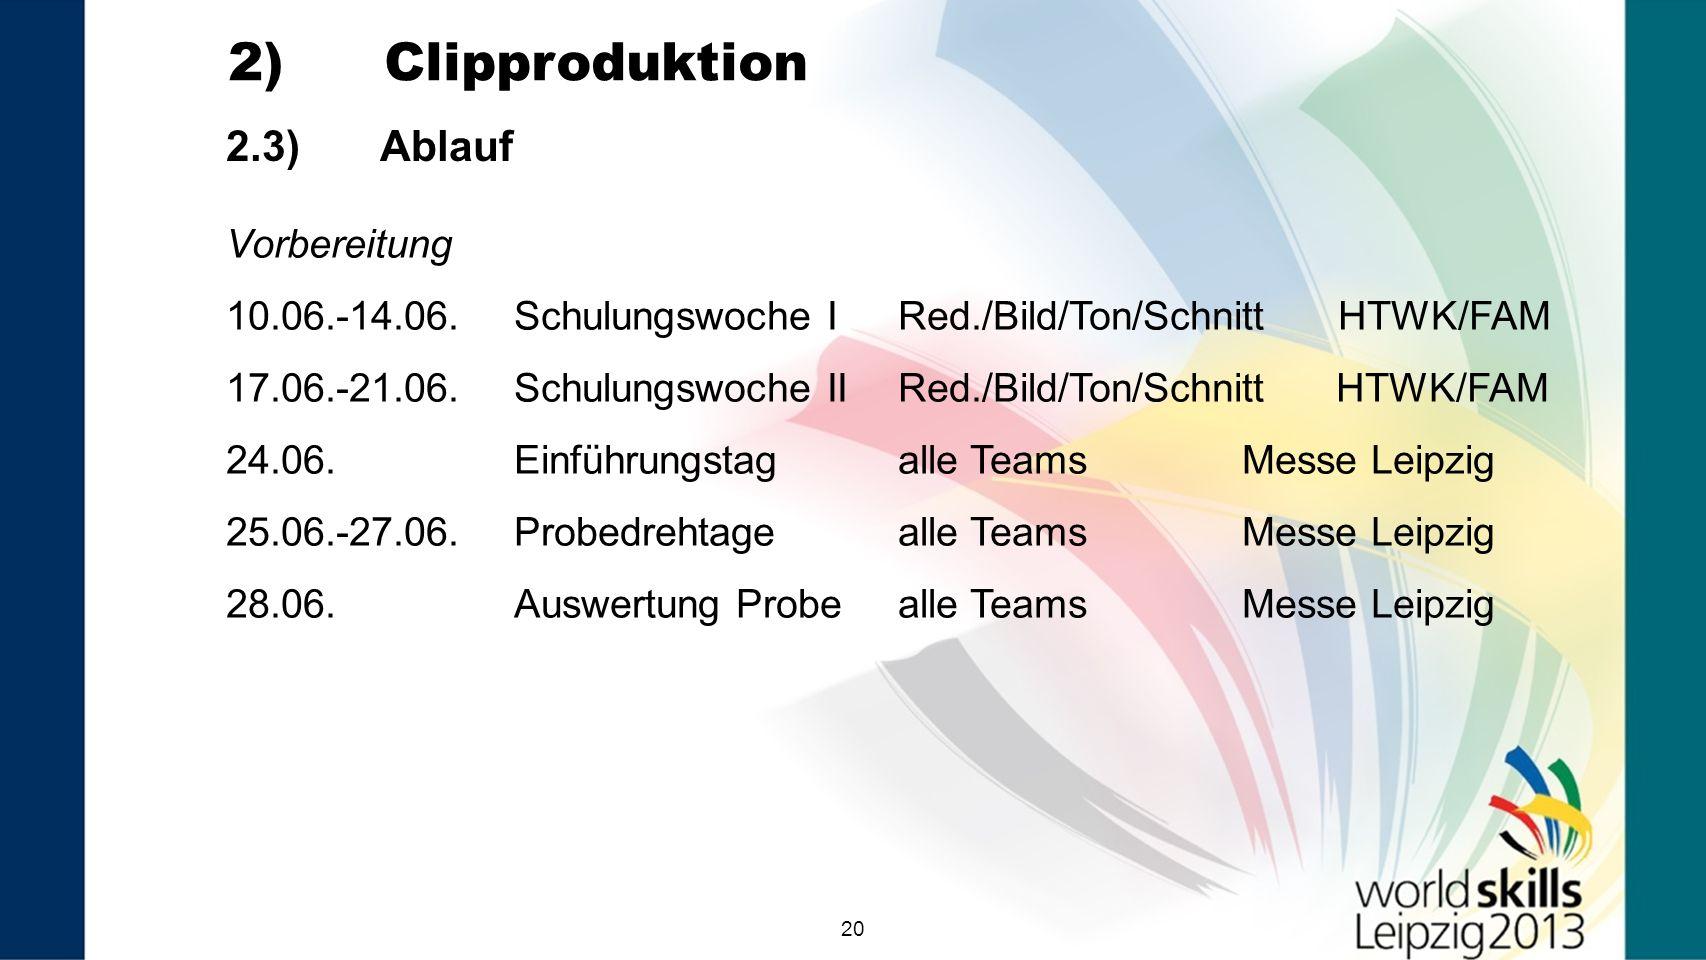 20 Vorbereitung 10.06.-14.06.Schulungswoche IRed./Bild/Ton/Schnitt HTWK/FAM 17.06.-21.06.Schulungswoche IIRed./Bild/Ton/Schnitt HTWK/FAM 24.06.Einführungstagalle Teams Messe Leipzig 25.06.-27.06.Probedrehtagealle Teams Messe Leipzig 28.06.Auswertung Probealle Teams Messe Leipzig 2) Clipproduktion 2.3) Ablauf